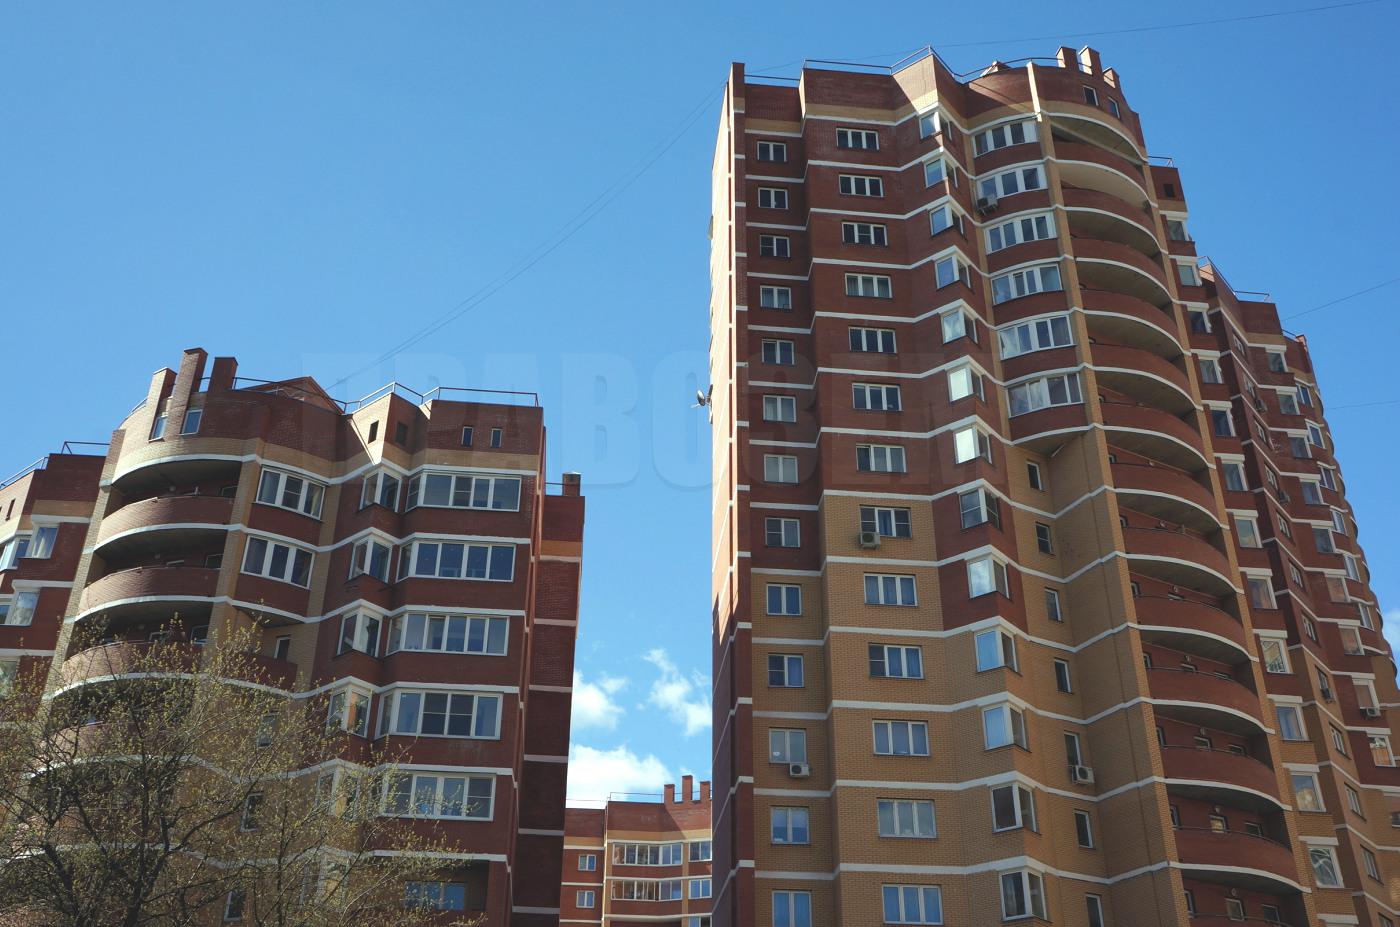 многоэтажное здание (дом)